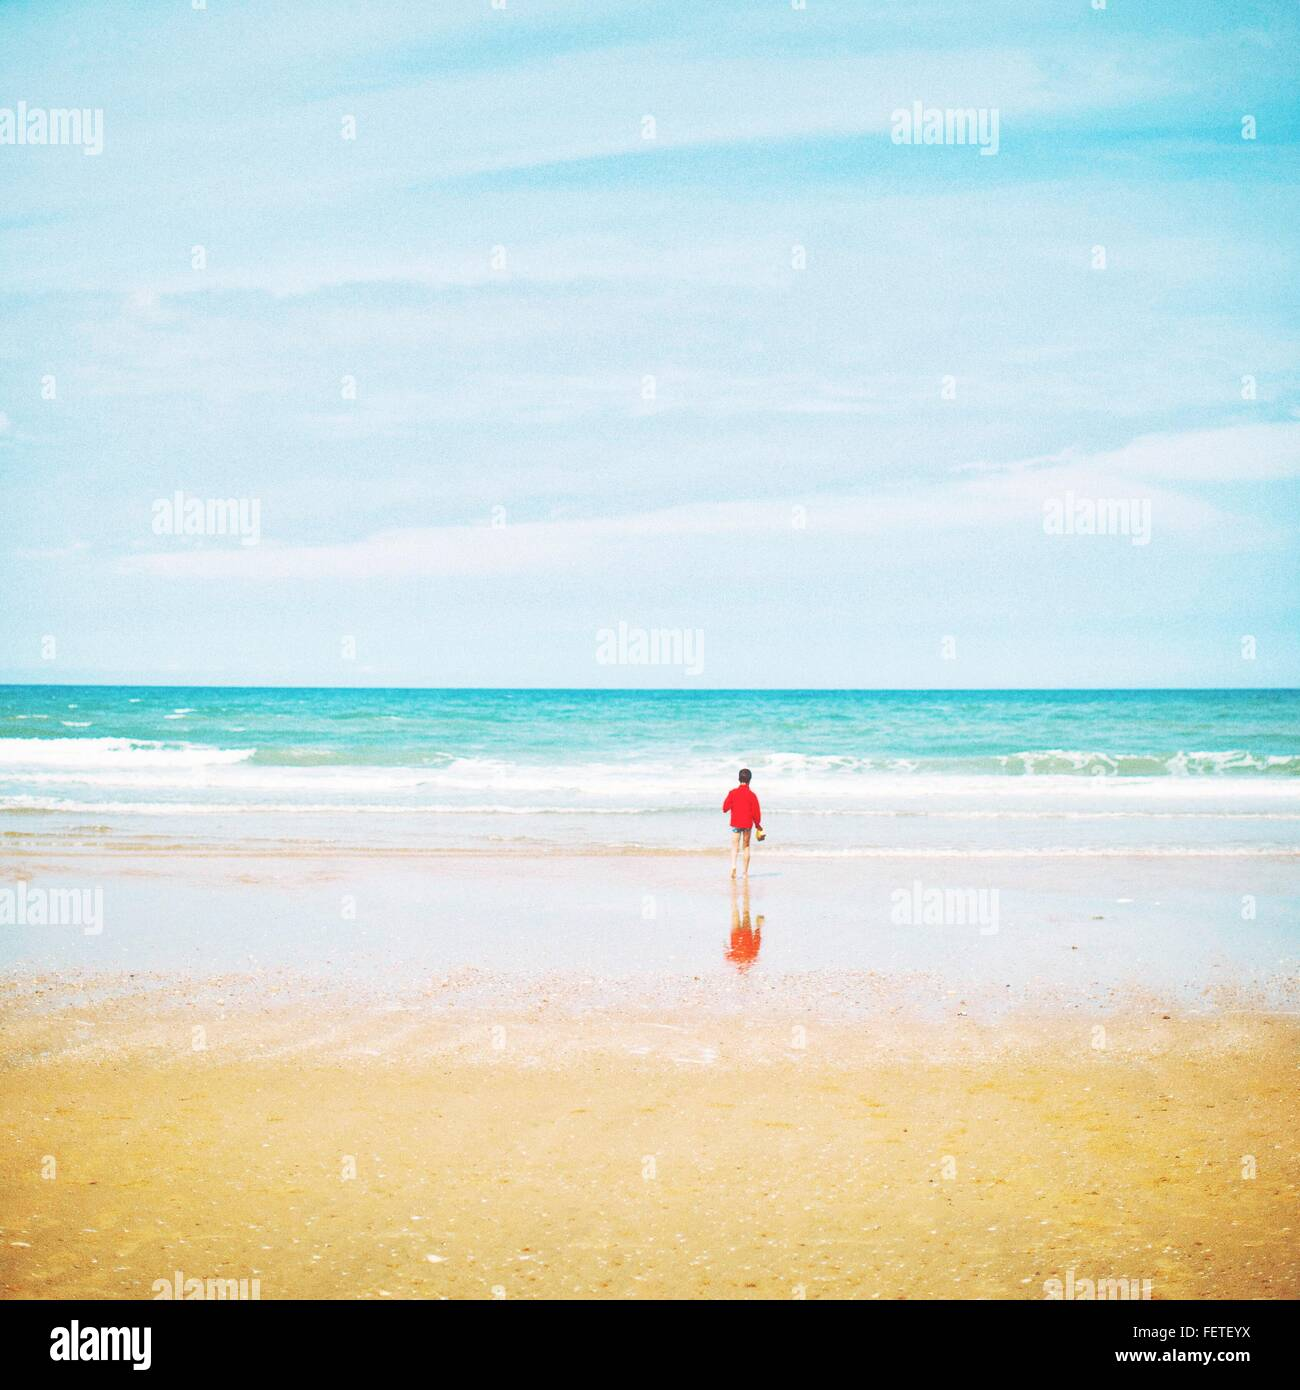 Rückansicht der Person im roten Top, Türkis Seascape, Sand im Vordergrund Stockbild